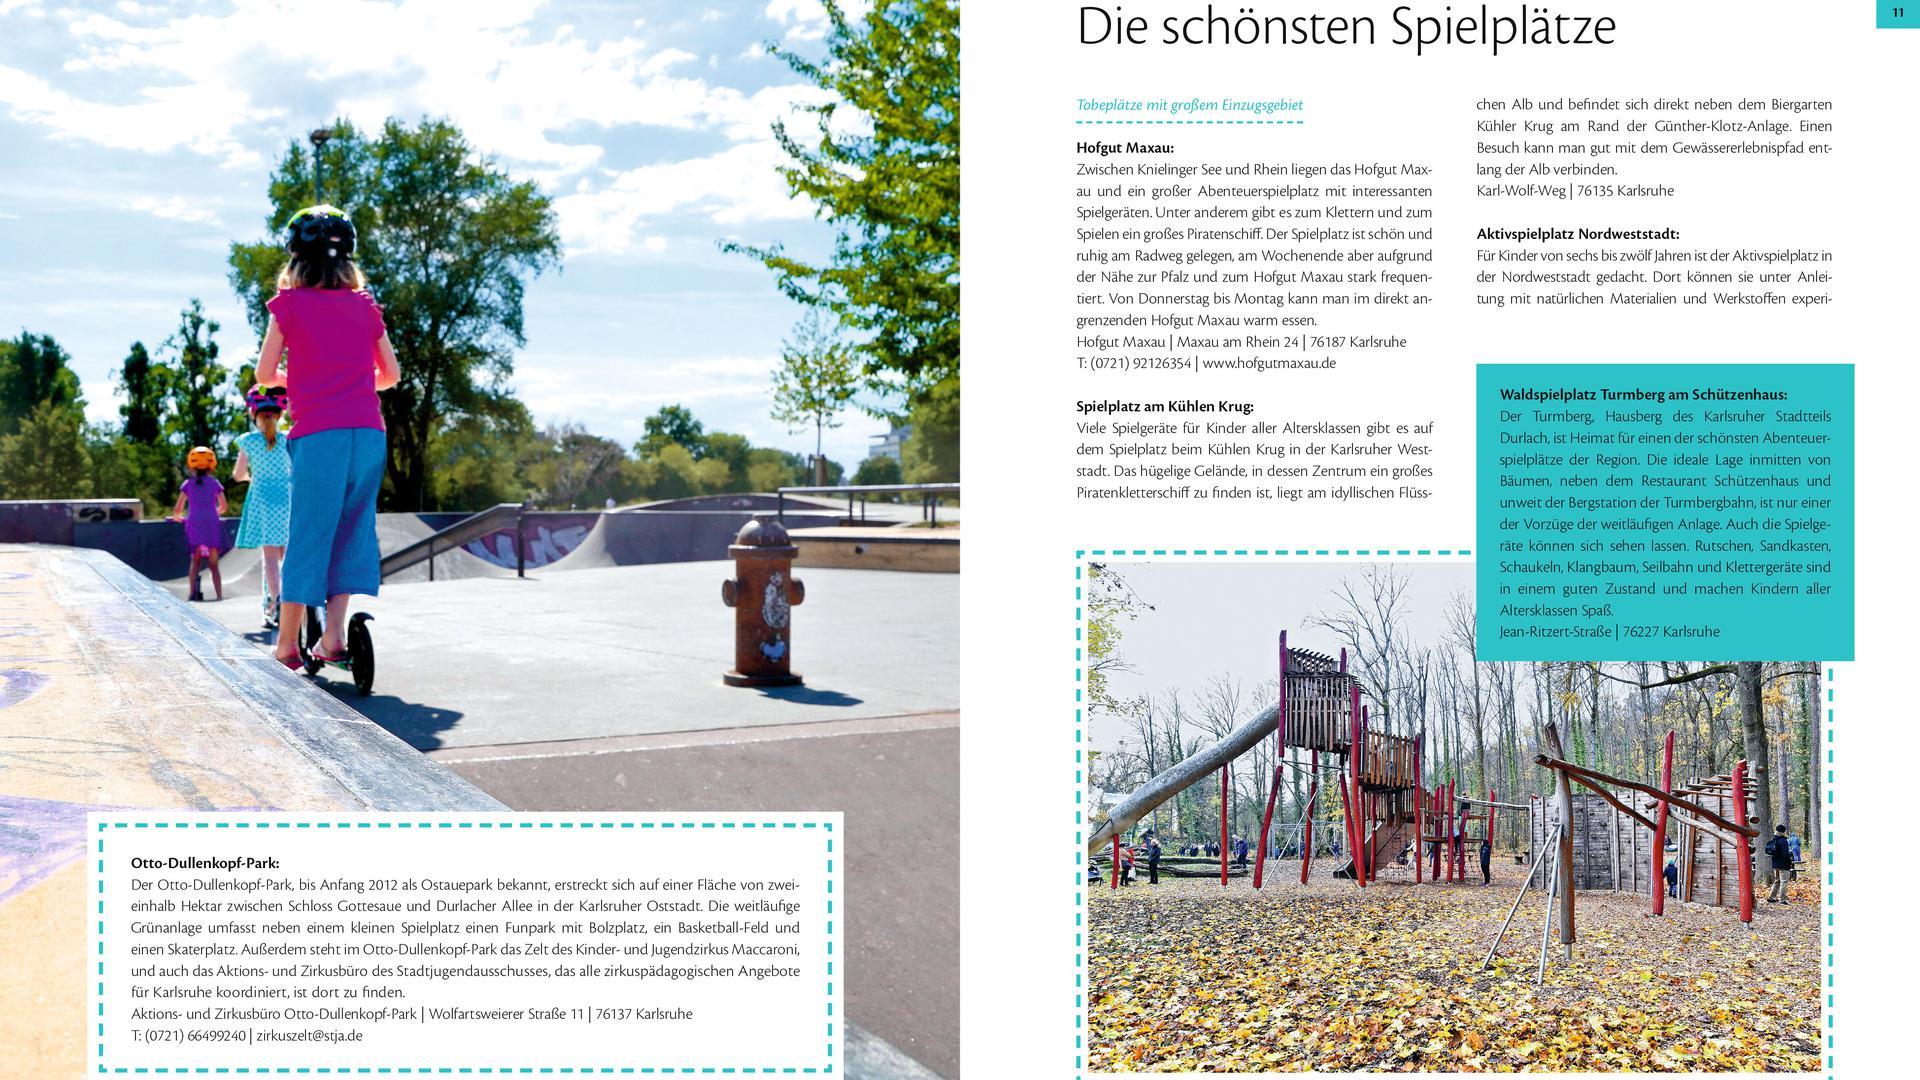 """Wer nach Abwechslung im Alltag sucht, findet im Katiel """"Bewegung"""" die außergewöhnlichsten und schönsten Spielplätze in Karlsruhe."""